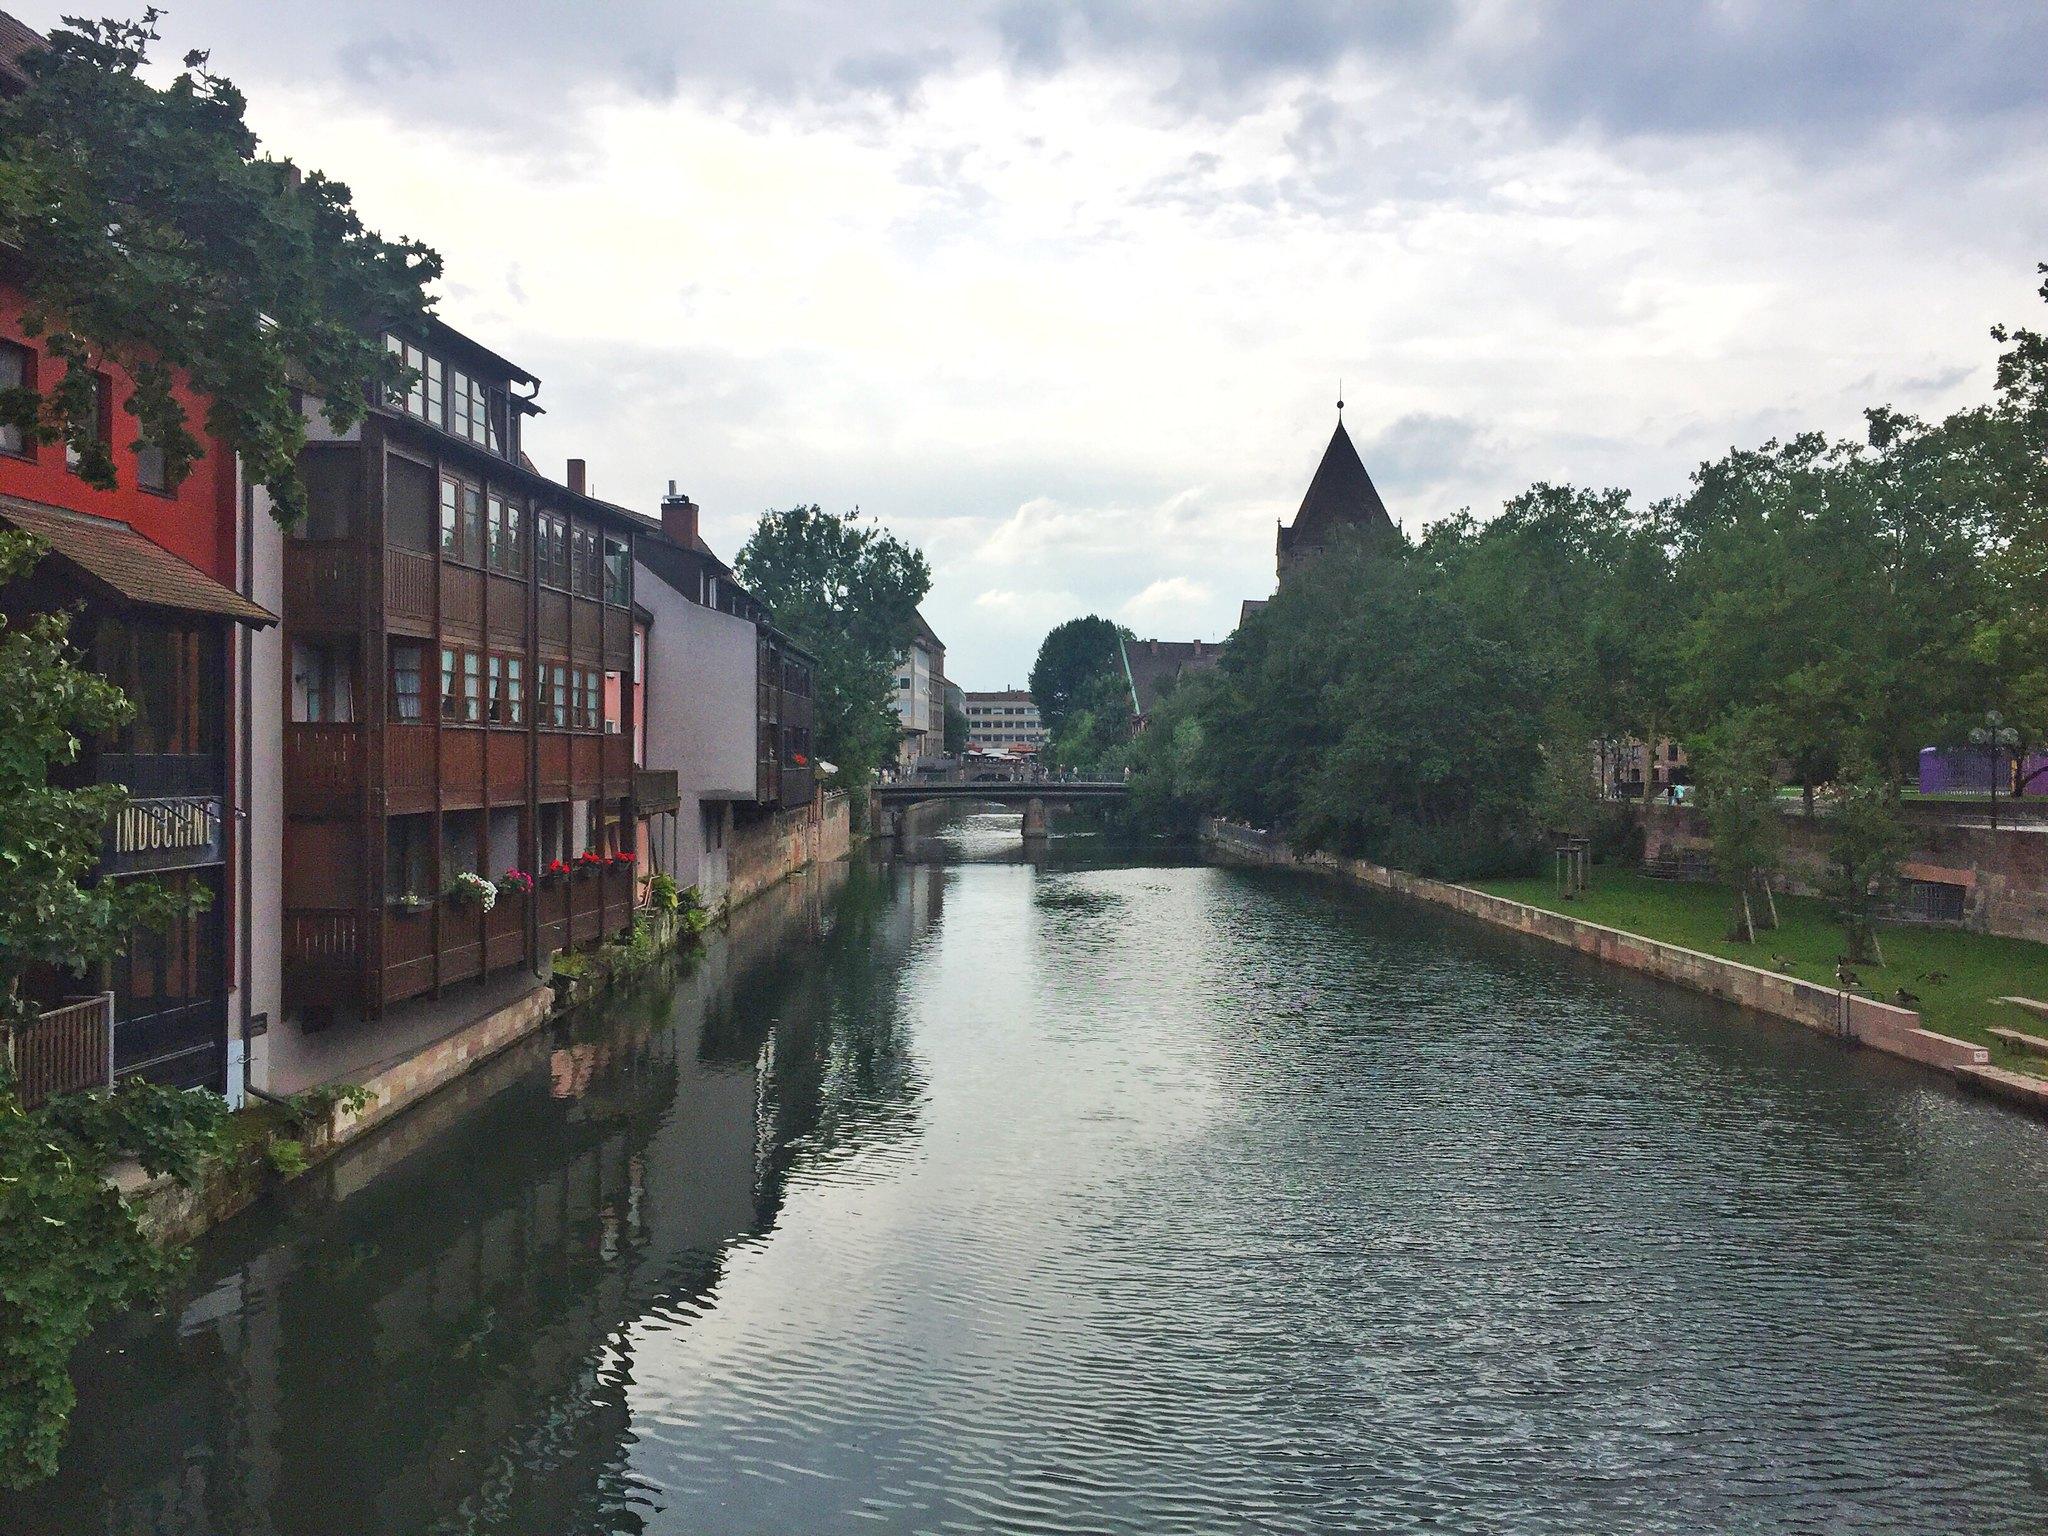 2017-08-08 - Kinobrücke #nbglove